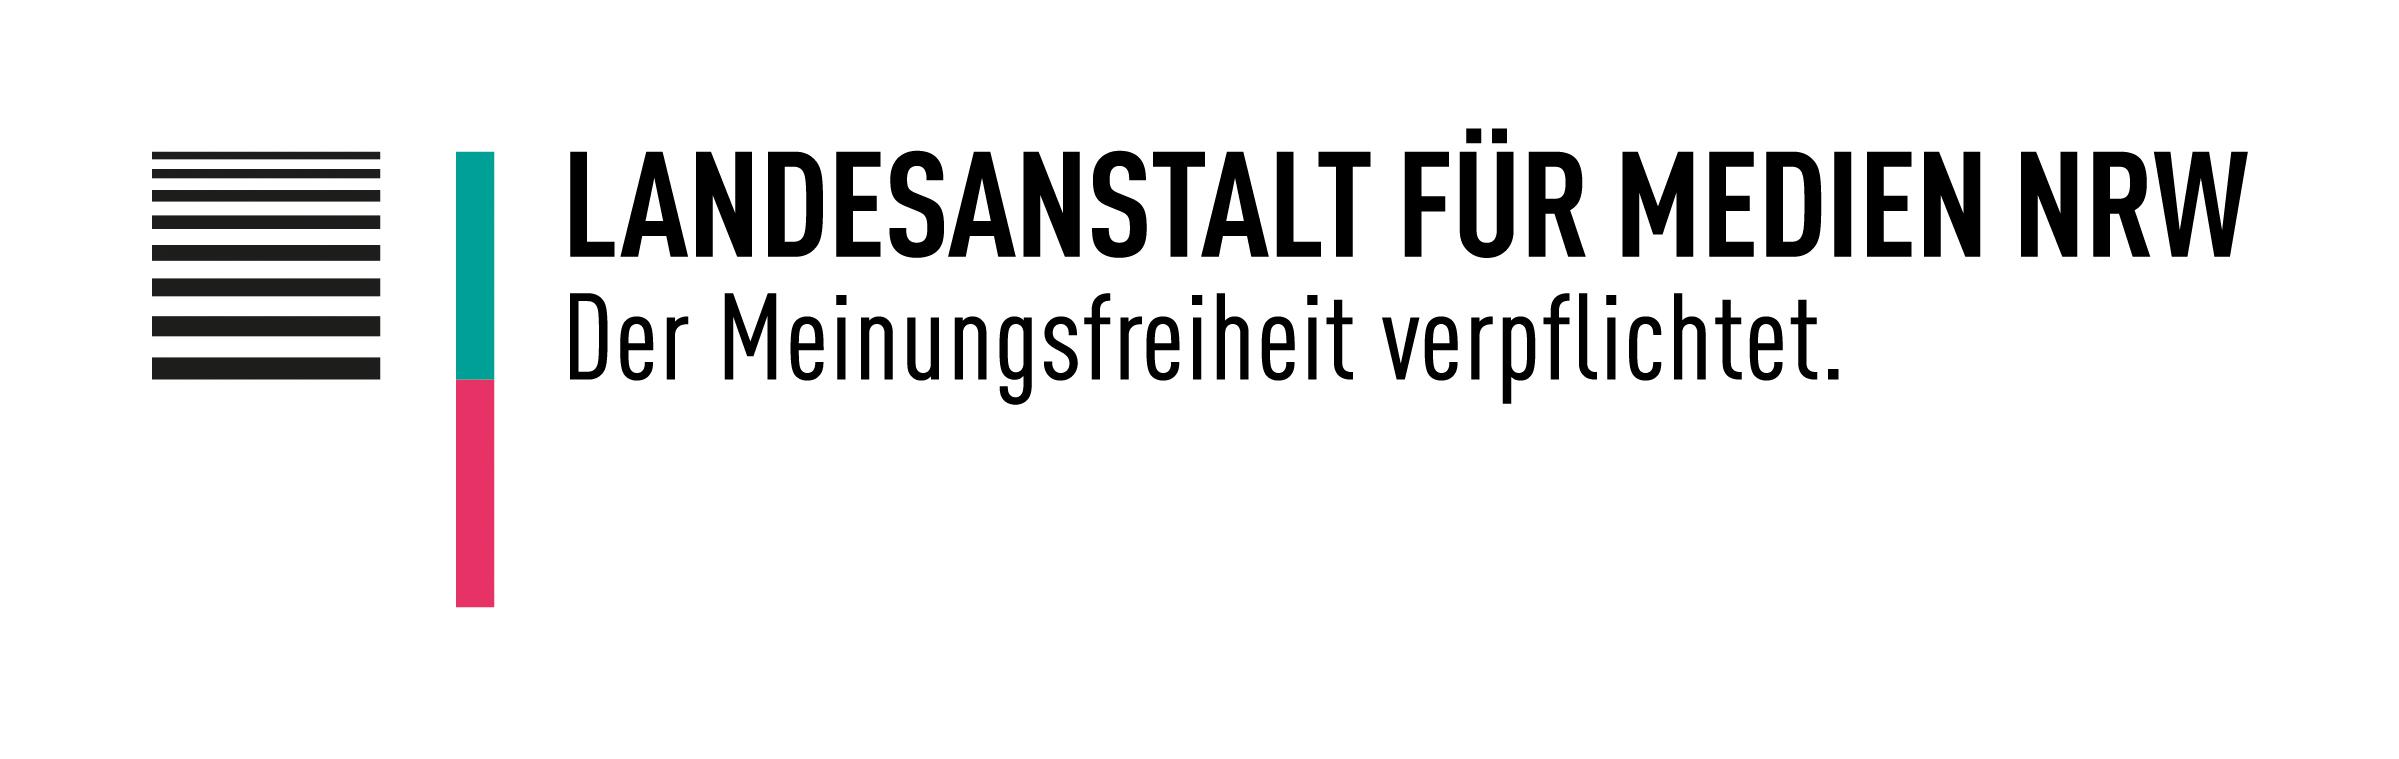 Landesanstalt für Medien NRW_logo